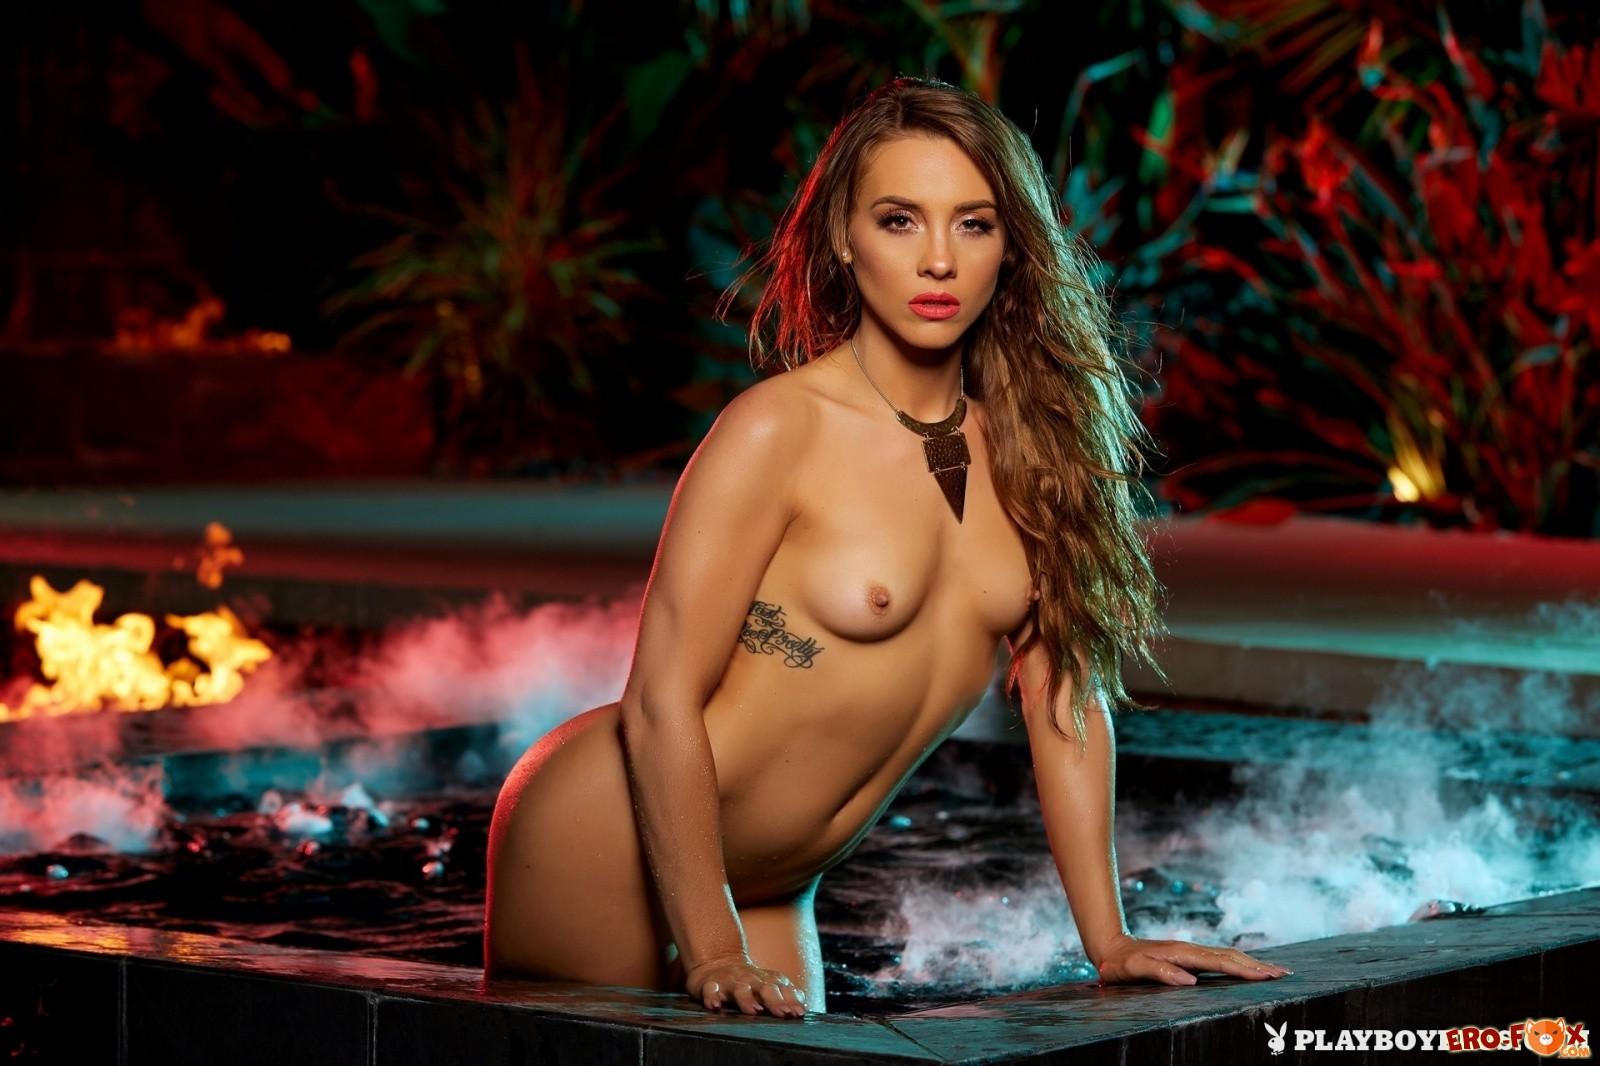 Эро модель показала у бассейна маленькие дойки - фото!